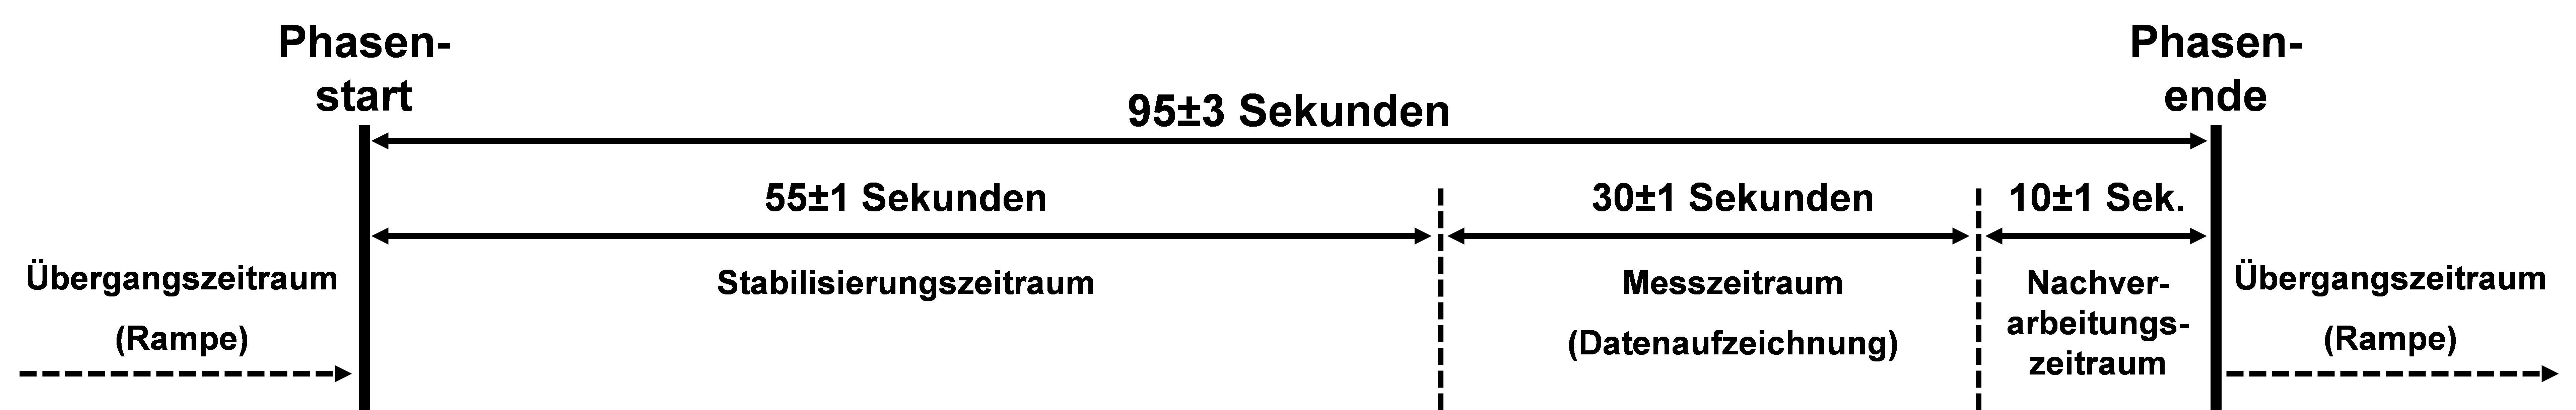 EUR-Lex - C(2017)7937 - EN - EUR-Lex